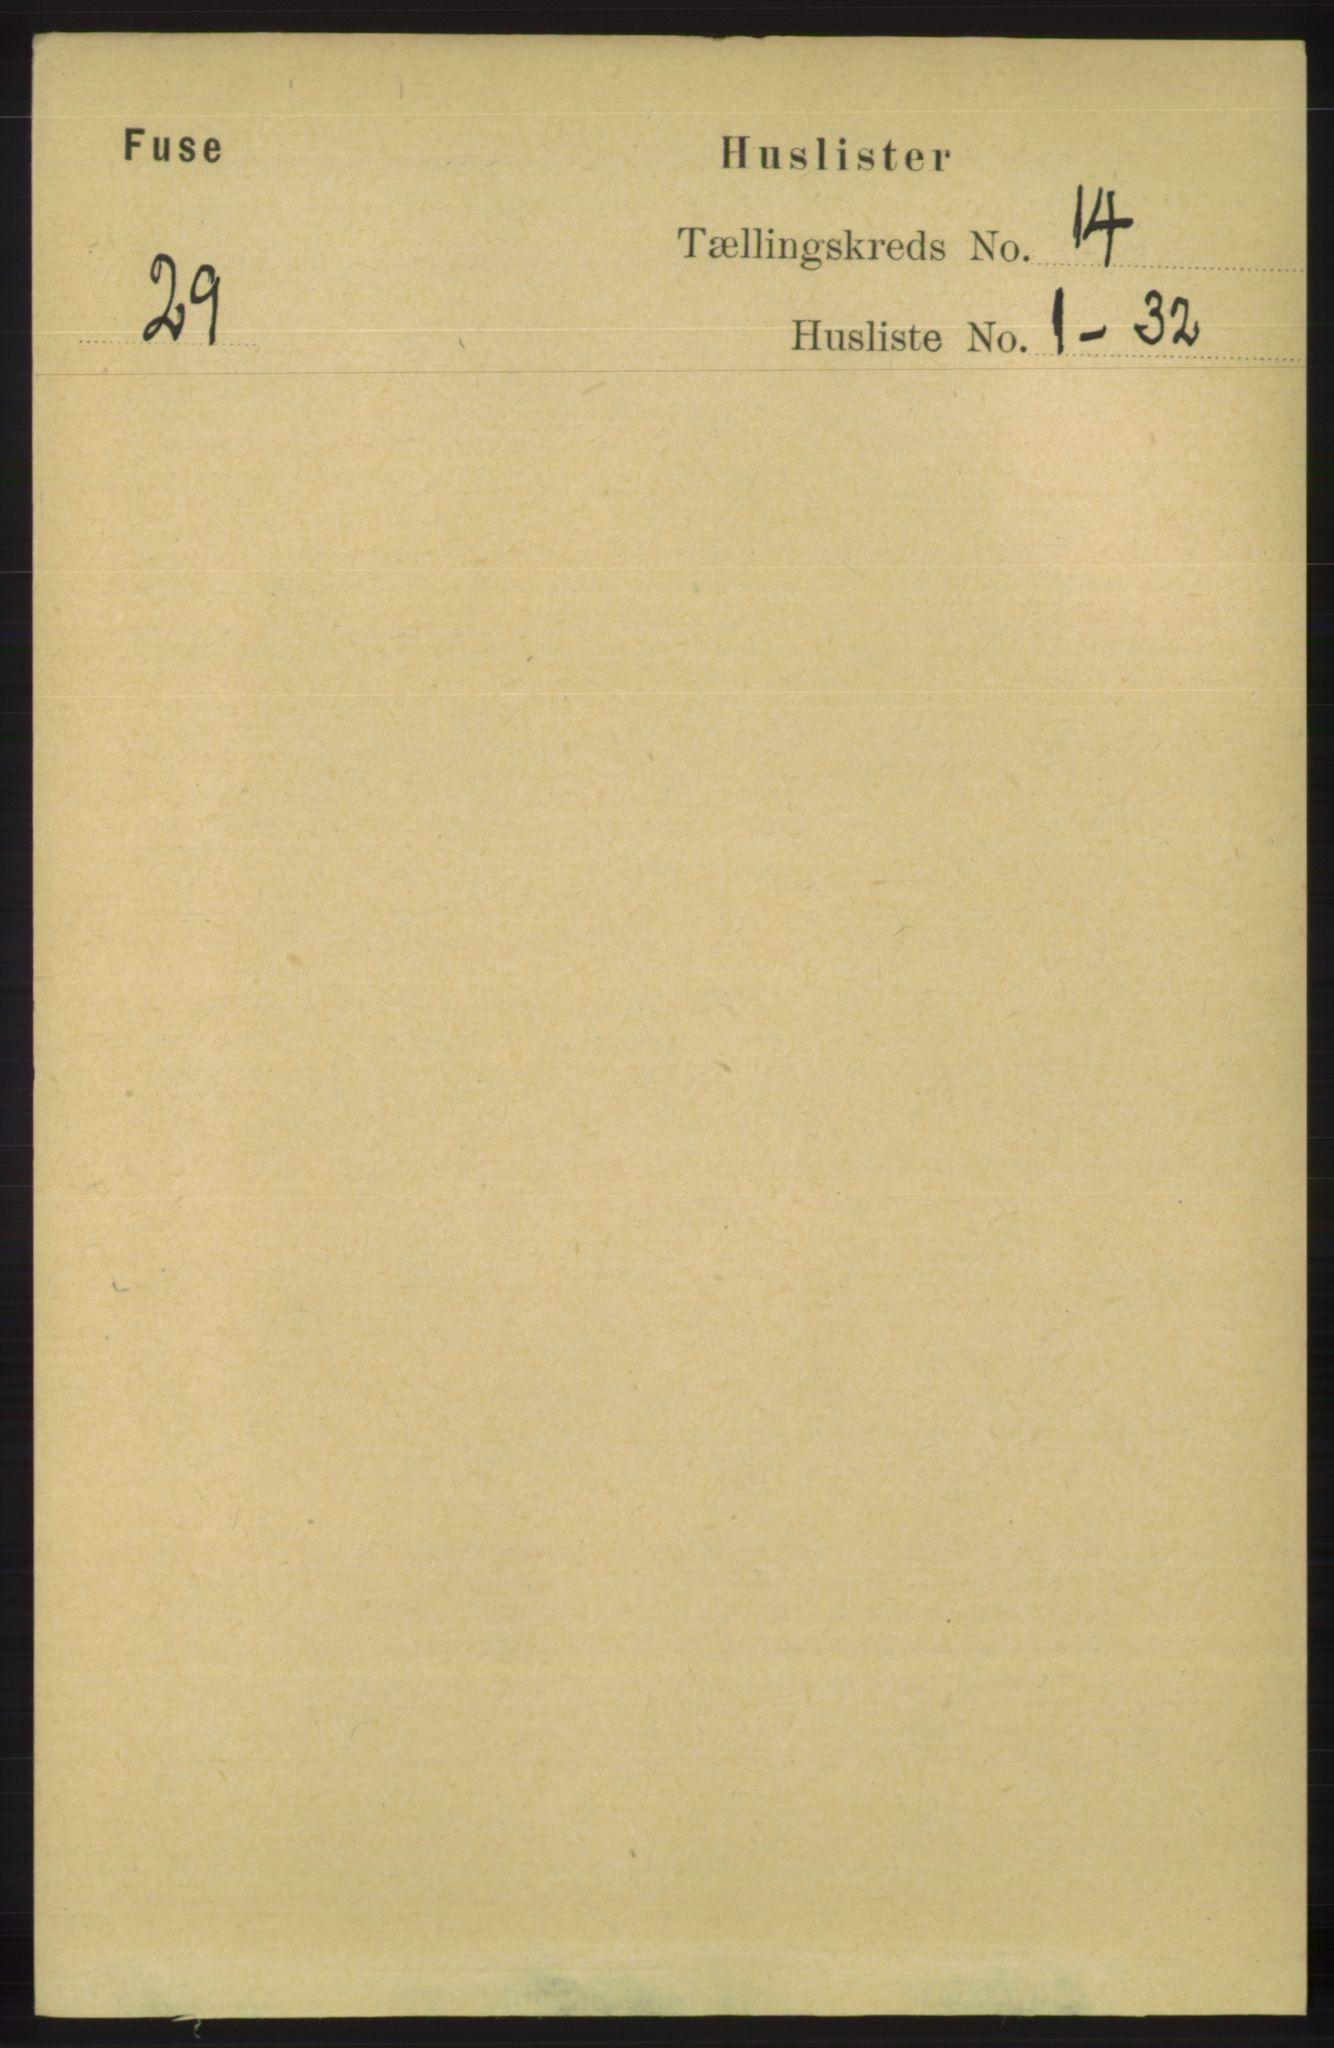 RA, Folketelling 1891 for 1241 Fusa herred, 1891, s. 3141